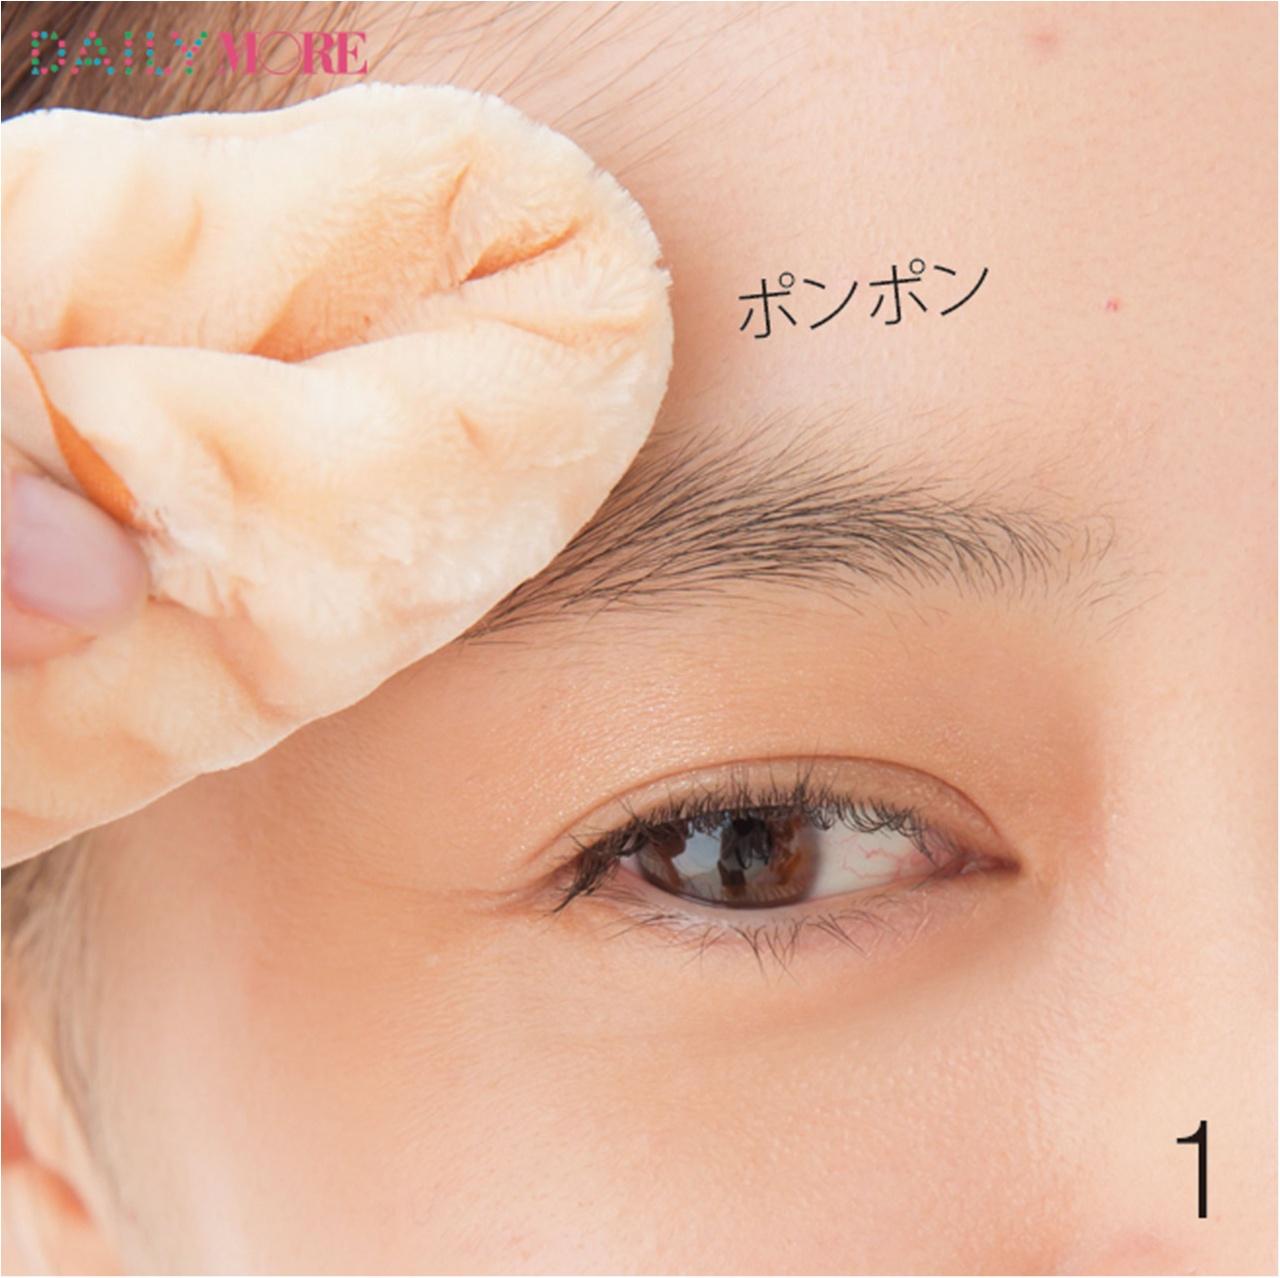 平行眉メイク特集 - 眉毛の形の整え方、描き方のポイントまとめ_3